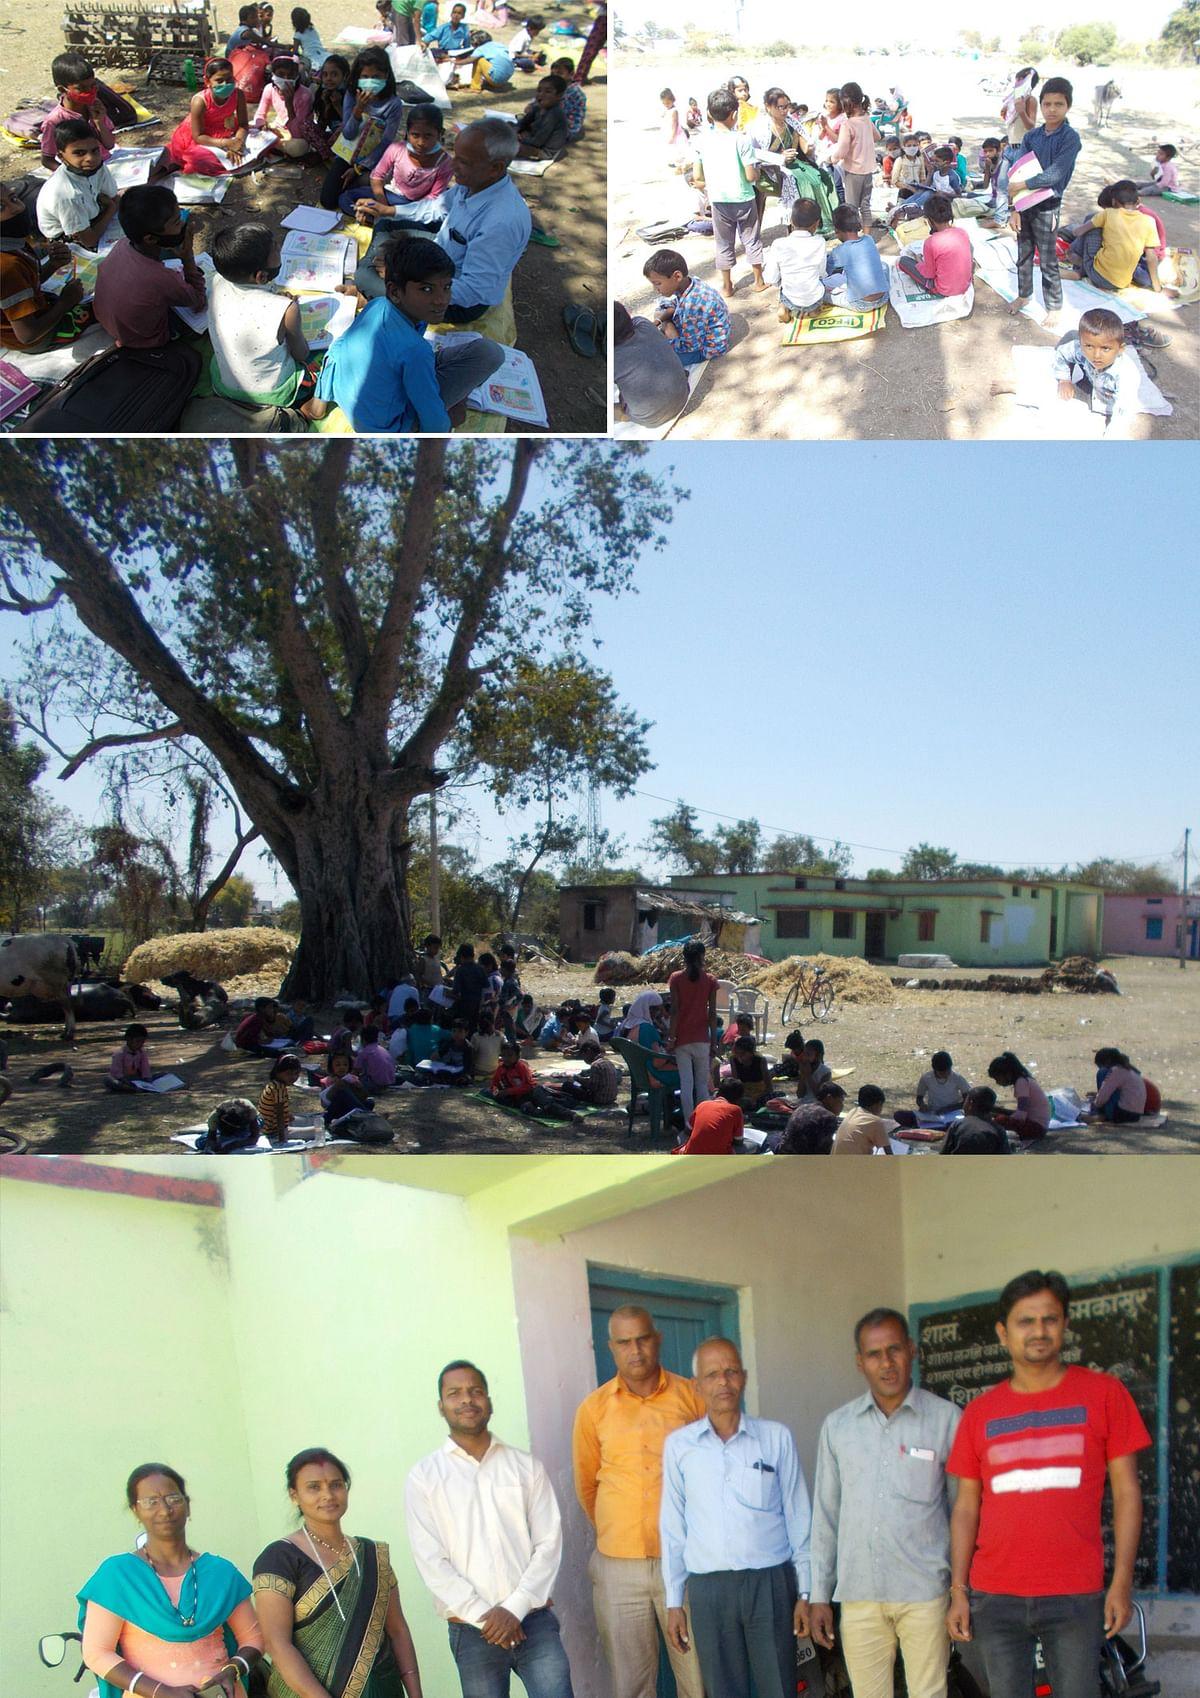 घर-घर क्लास की नई अलख जगा रहा कमकासुर स्कूल